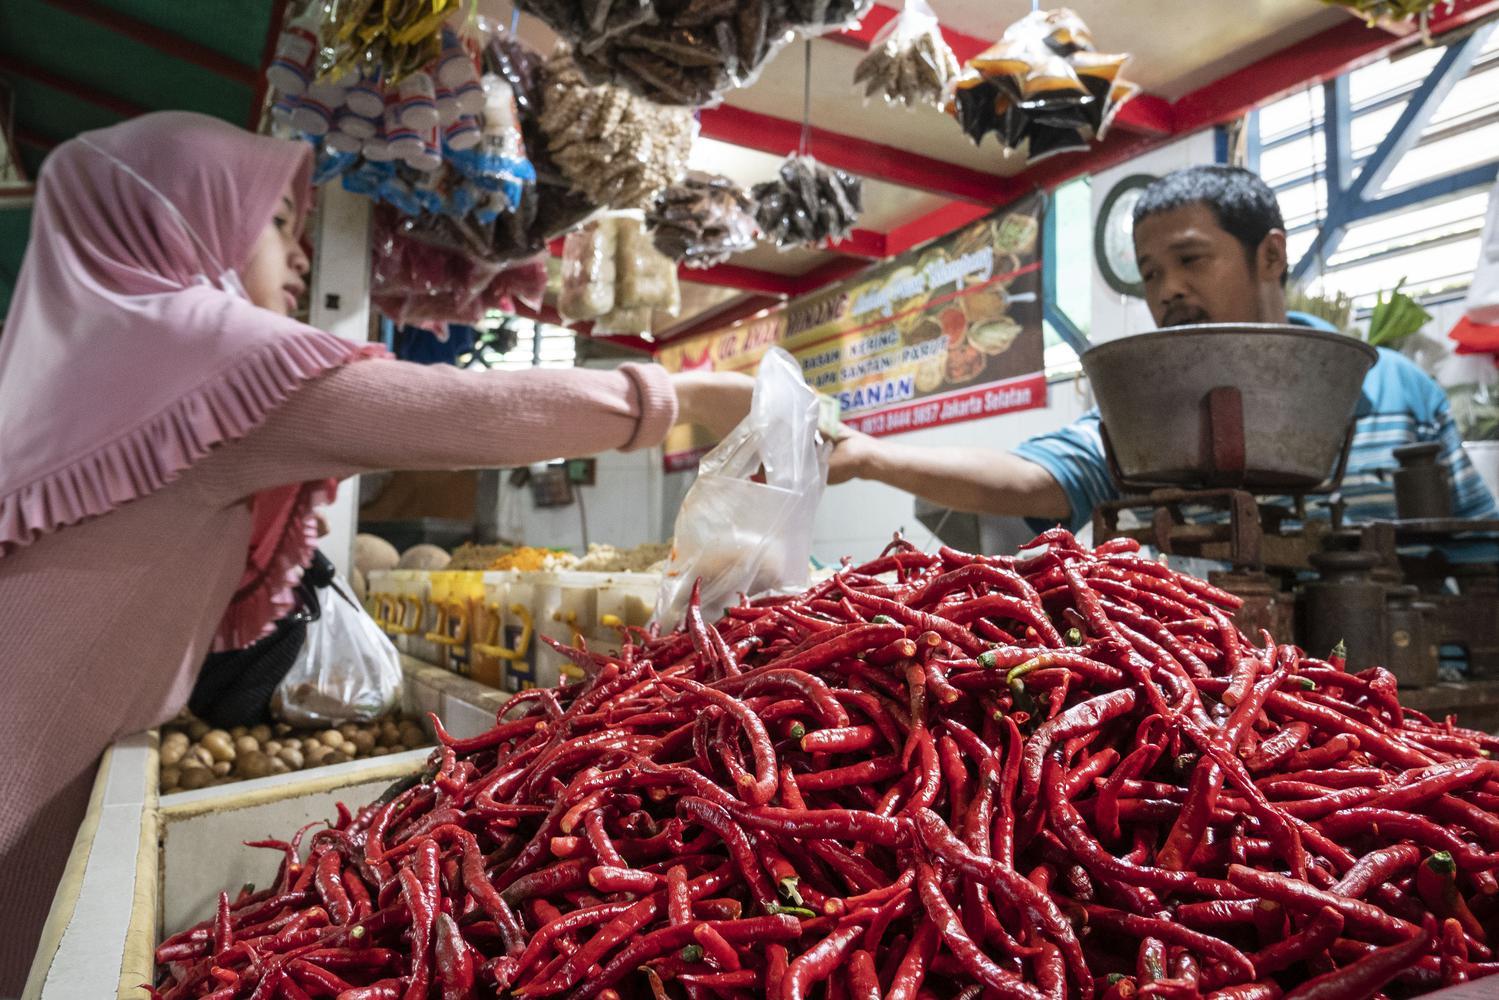 Ilustrasi, pedagang melayani konsumen di pasar tradisional. Badan Pusat Statistik (BPS) mencatat pada Agustus 2020 terjadi deflasi sebesar 0,05%.